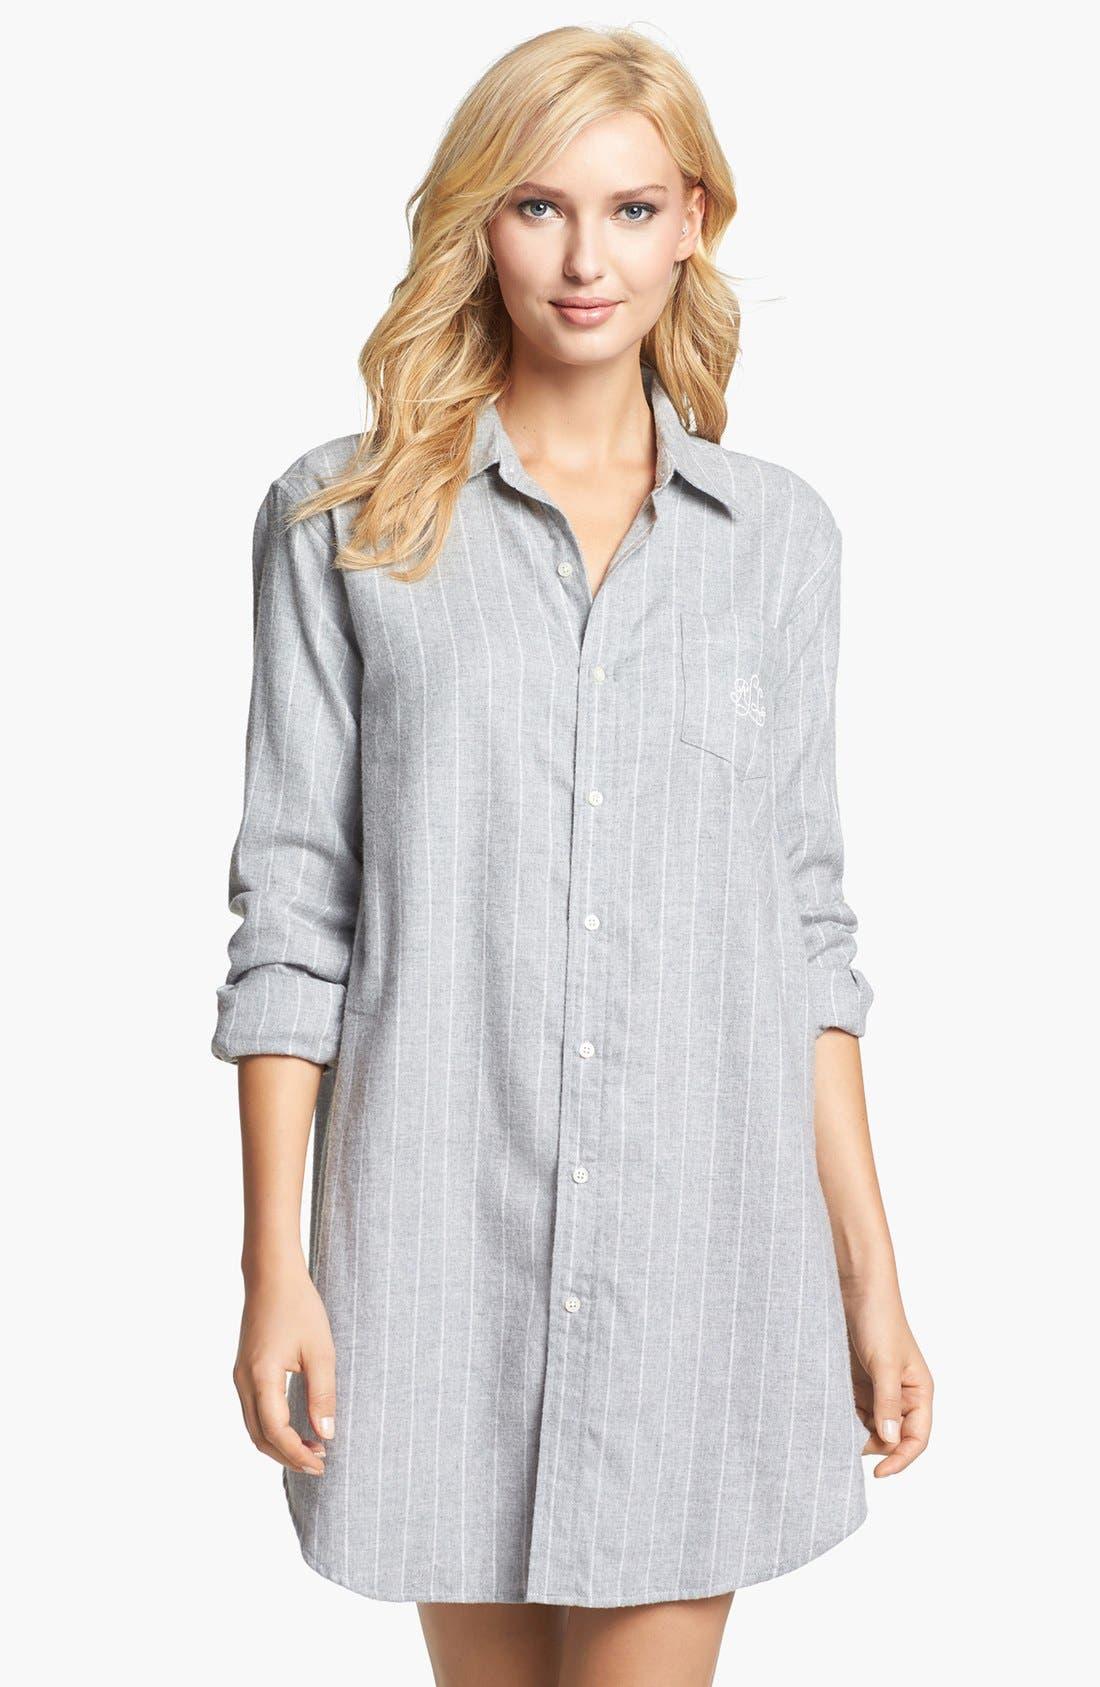 Alternate Image 1 Selected - Lauren Ralph Lauren 'Wicklow' Brushed Twill Sleep Shirt